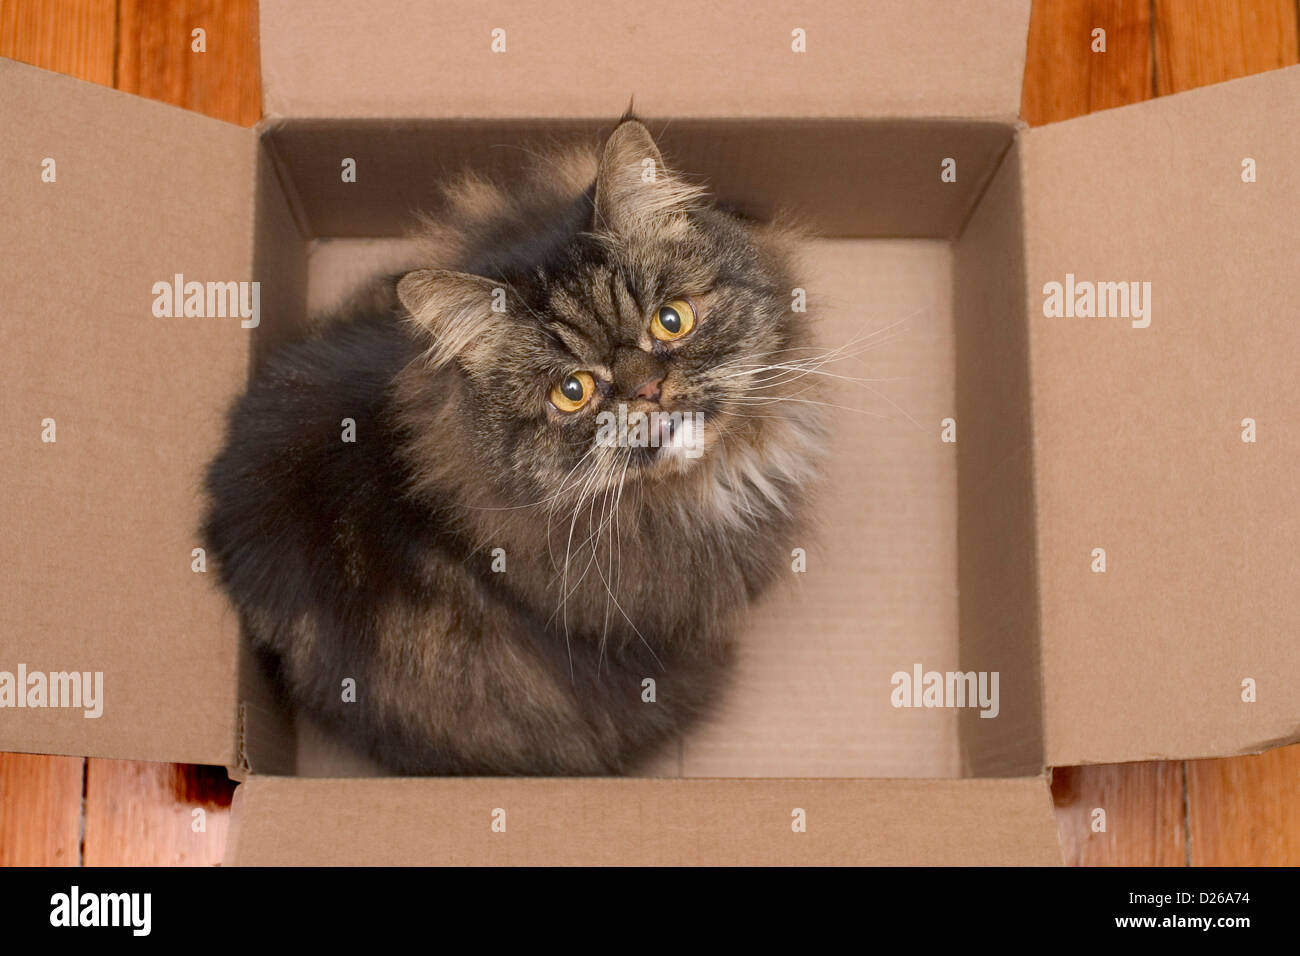 Gato en una caja Foto de stock